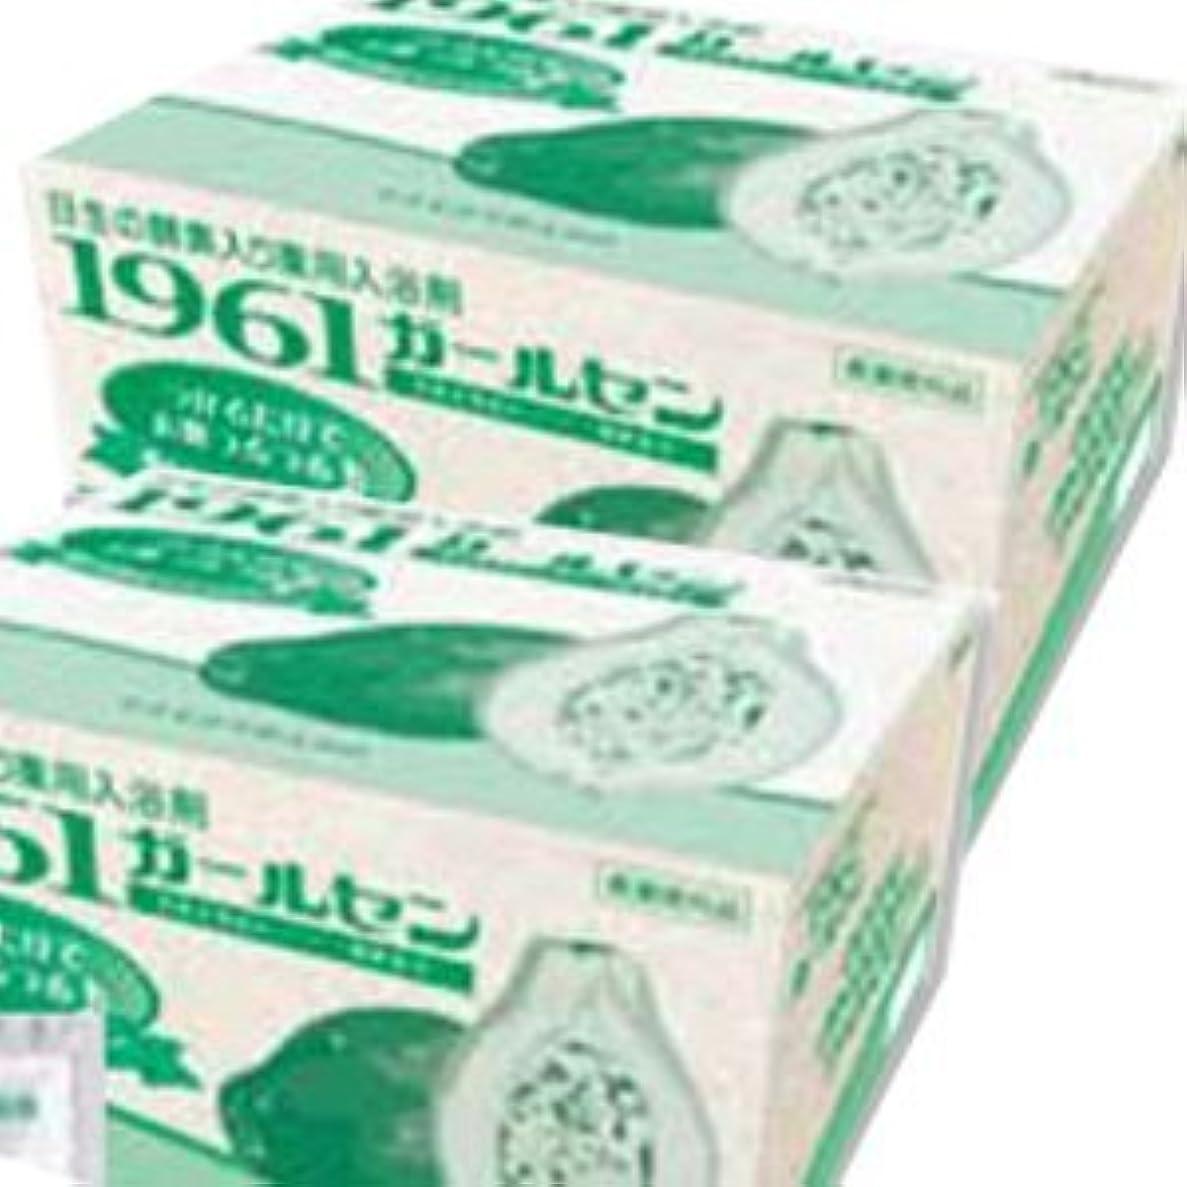 引数回復する計り知れない日本生化学 薬用入浴剤 1961ガールセン (20g×60包)×2箱 (医薬部外品)